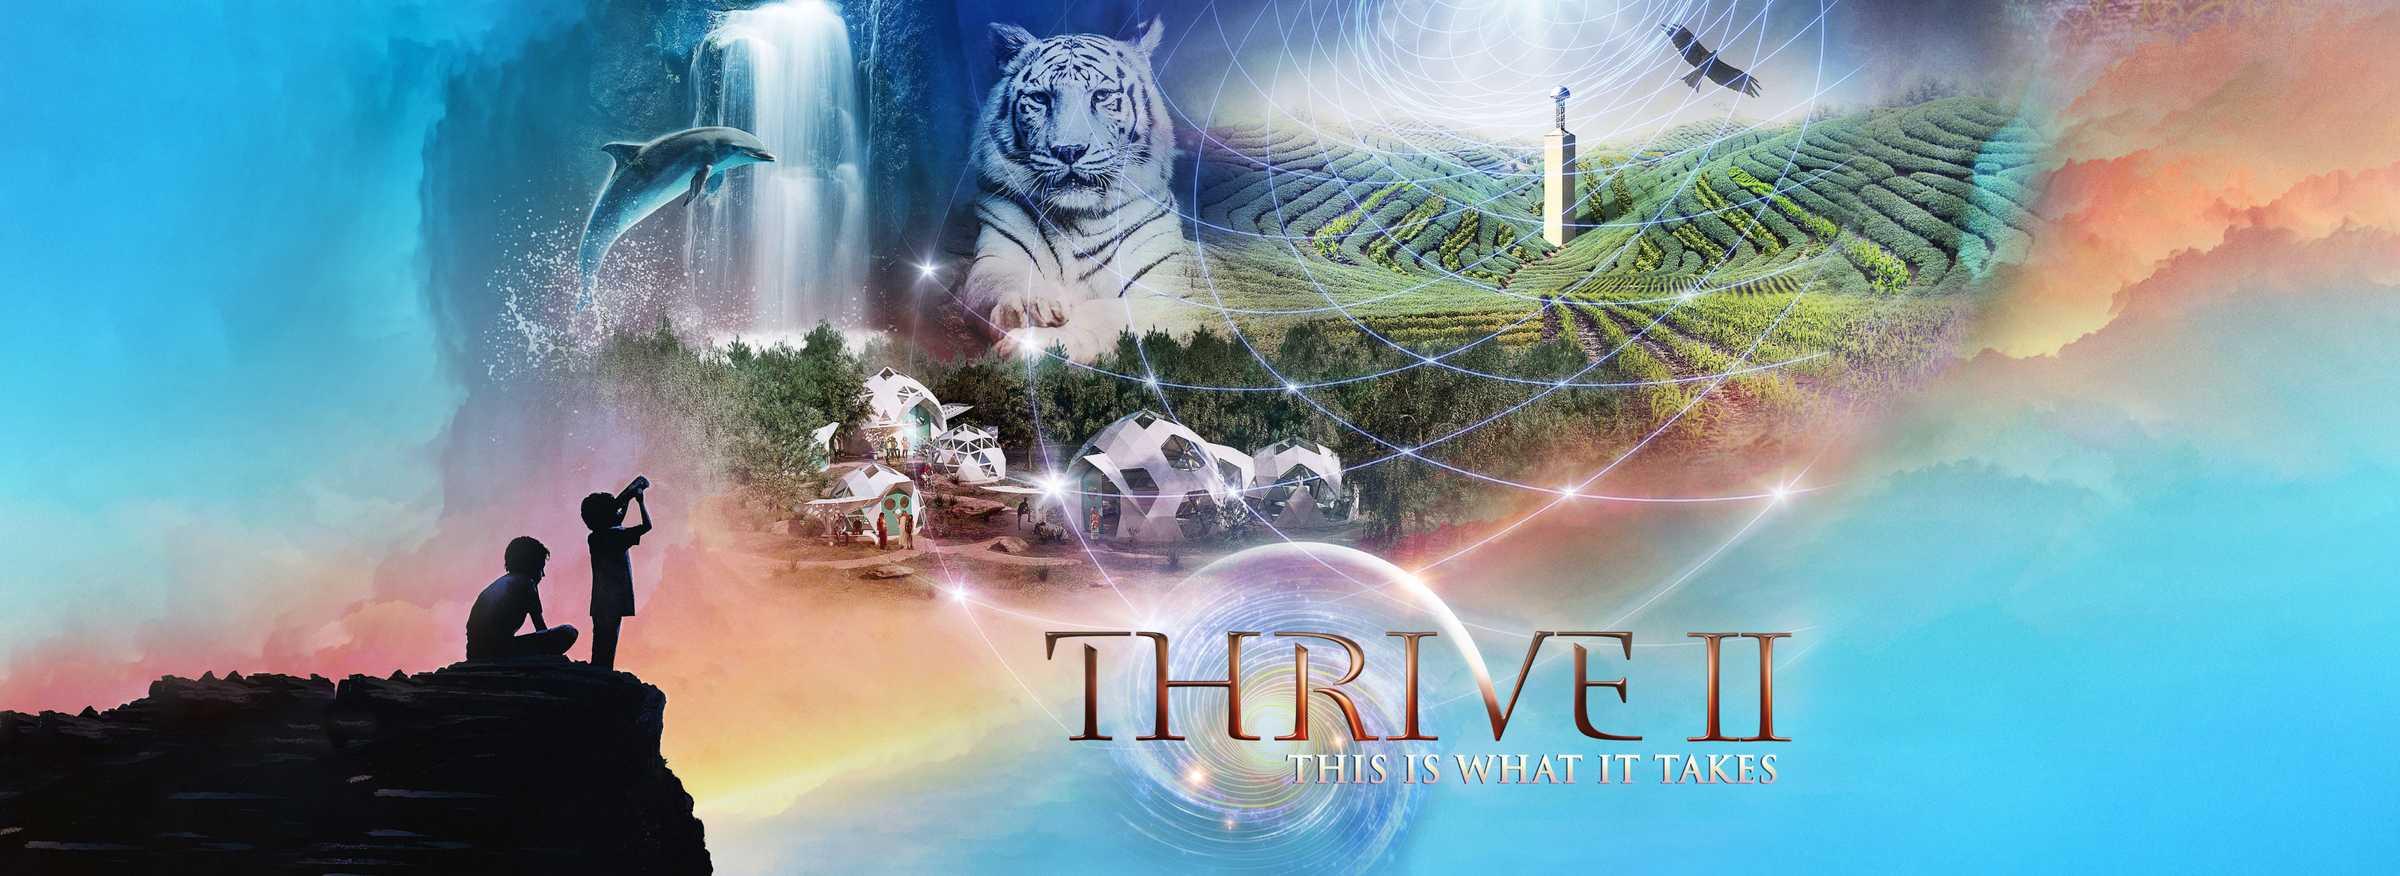 ドキュメンタリー映画 THRIVE II(スライヴ2)が、5月末まで無料視聴可能